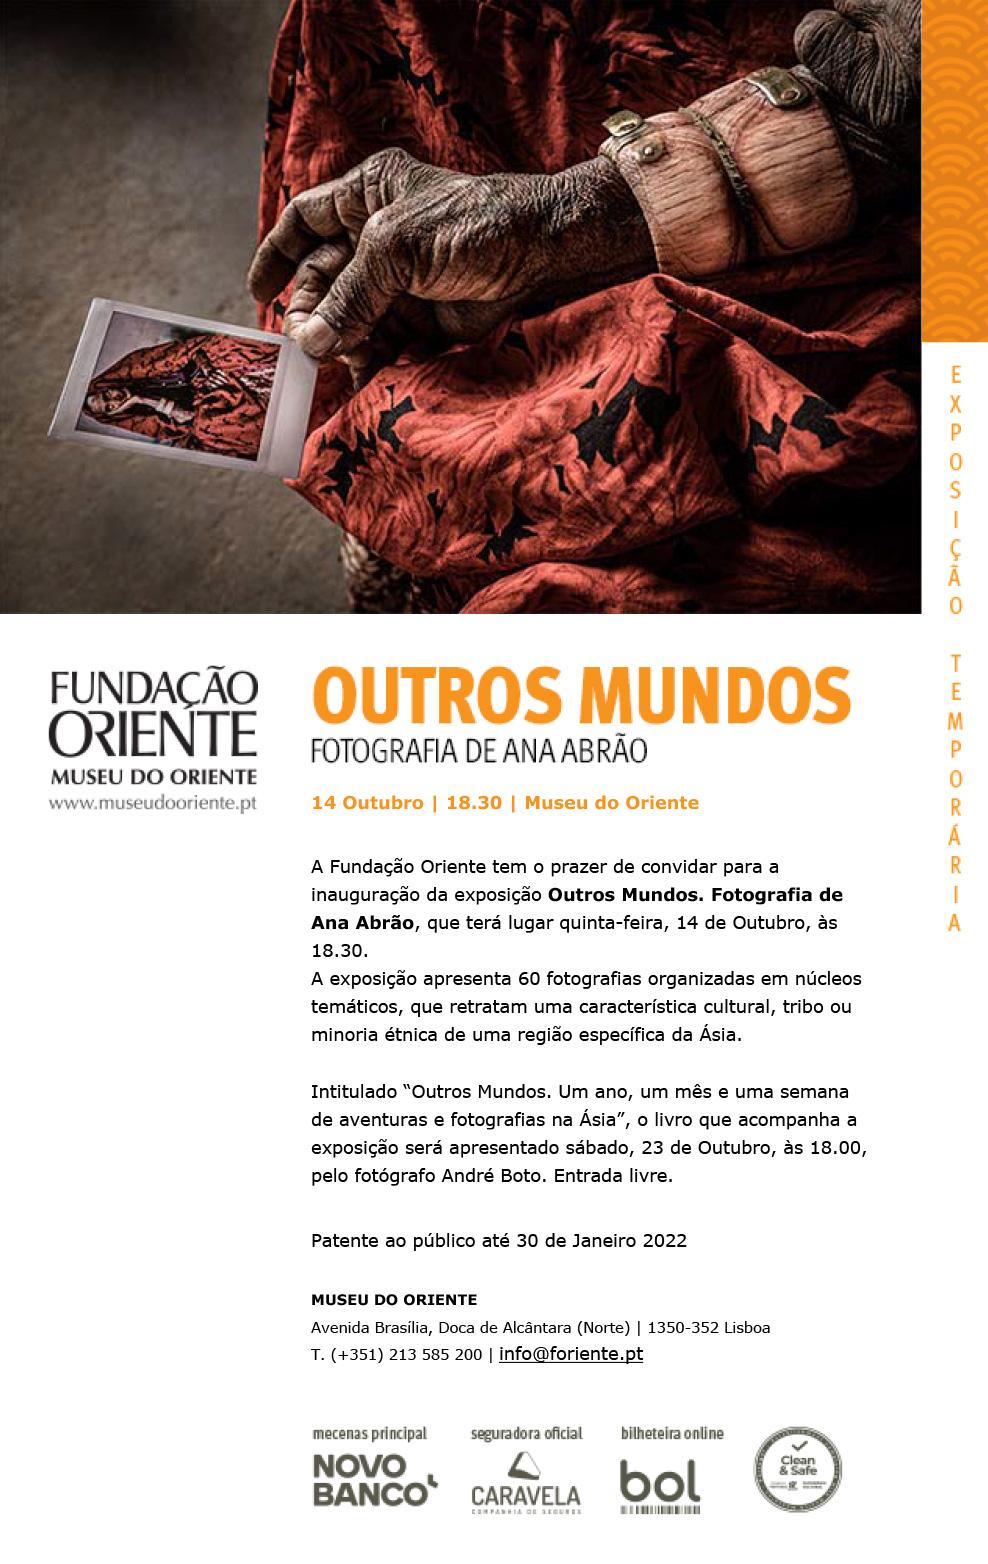 OUTROS-MUNDOS.-FOTOGRAFIA-DE-ANA-ABRÃO